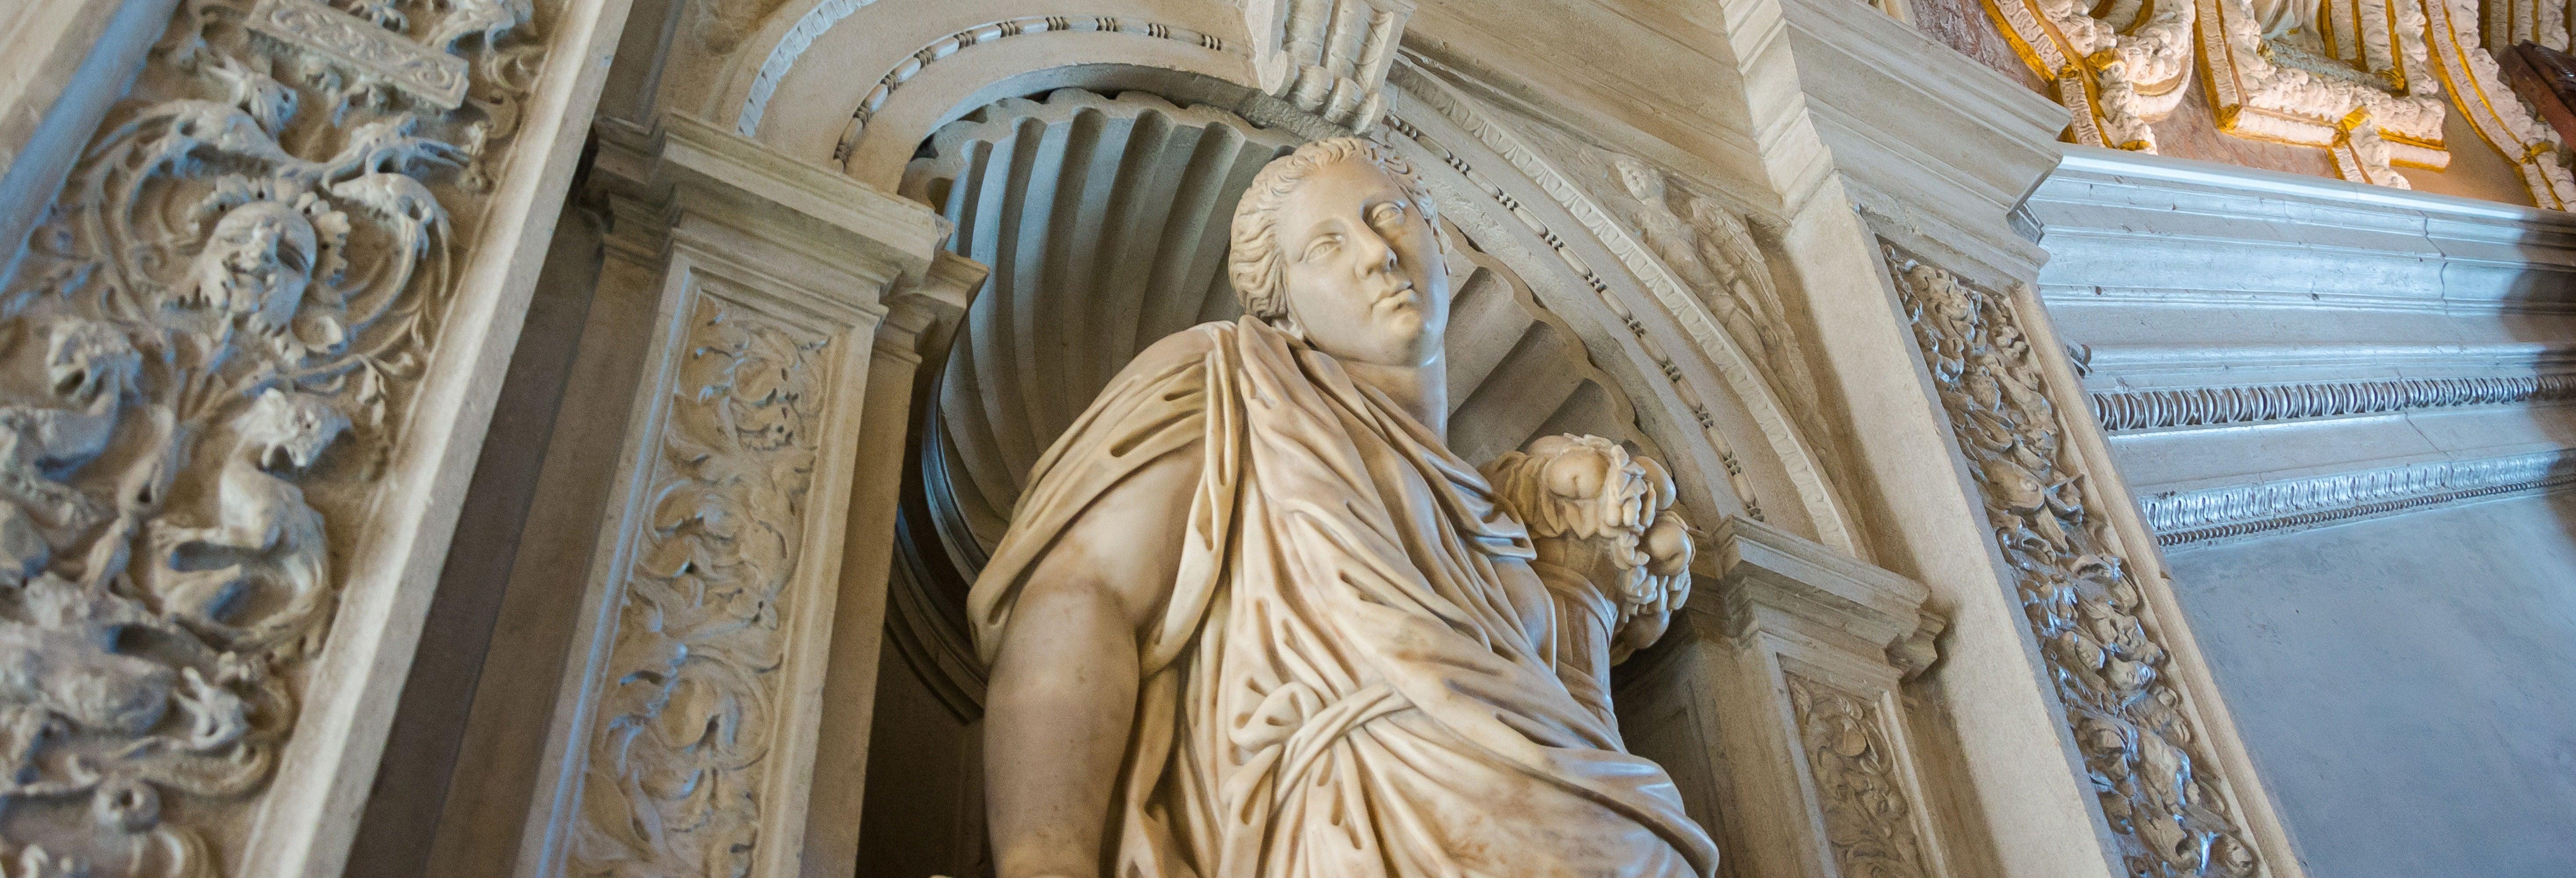 Visita guidata della Basilica di San Marco e del Palazzo Ducale